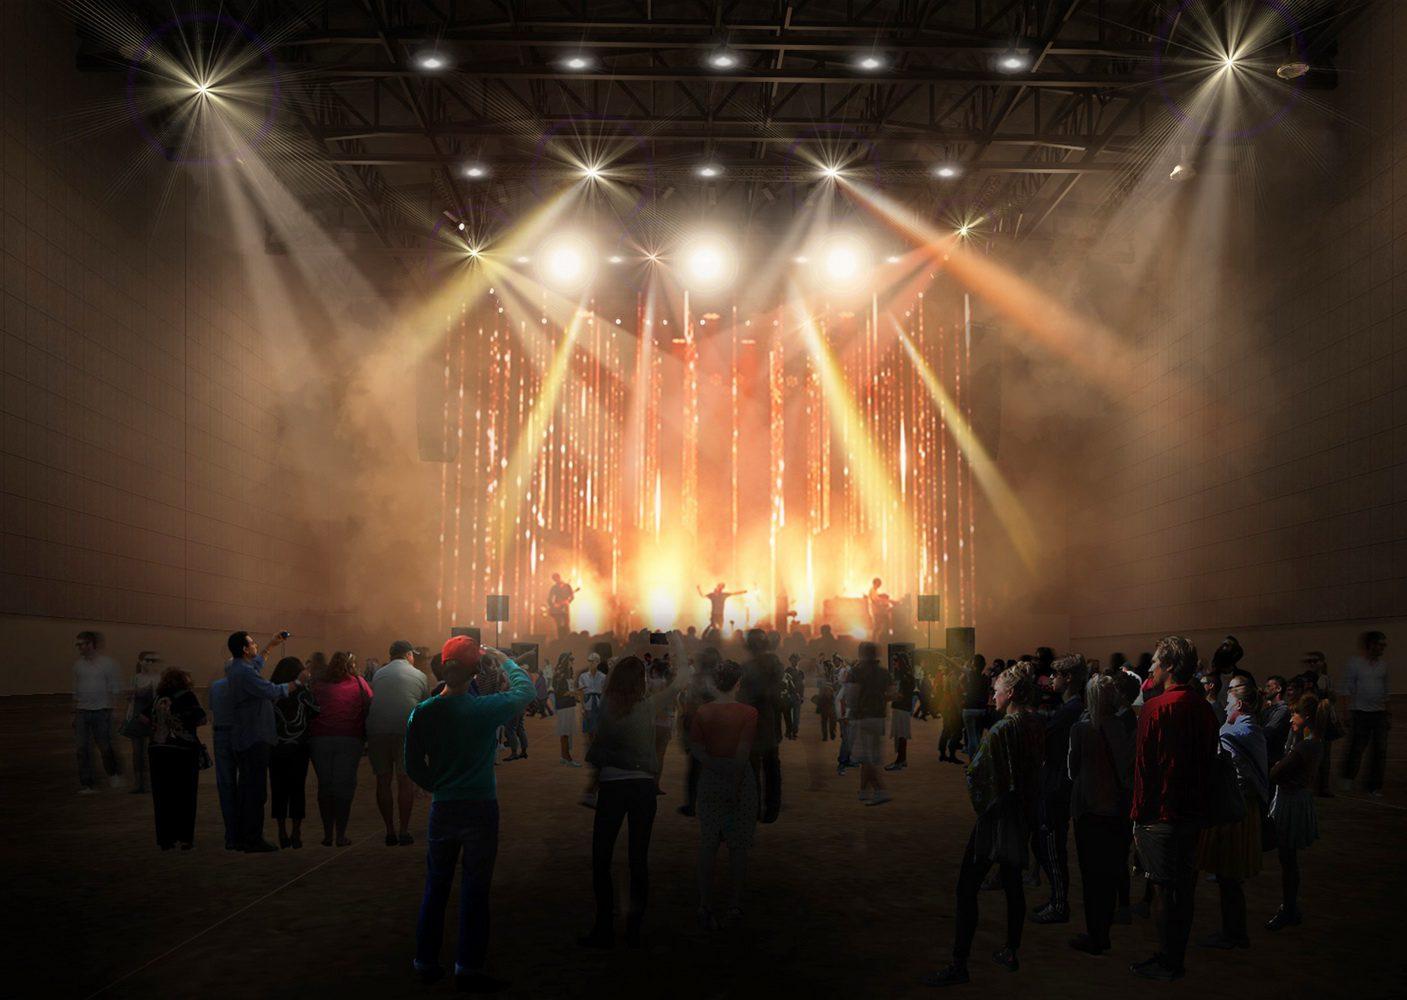 """โชว์ ดีซี ปั้น """"โชว์ดีซี ฮอลล์"""" เจาะตลาดบิ๊กอีเว้นท์ ตั้งธงศูนย์กลางจัดงานคอนเสิร์ตและแสดงสินค้าในเอเชีย"""